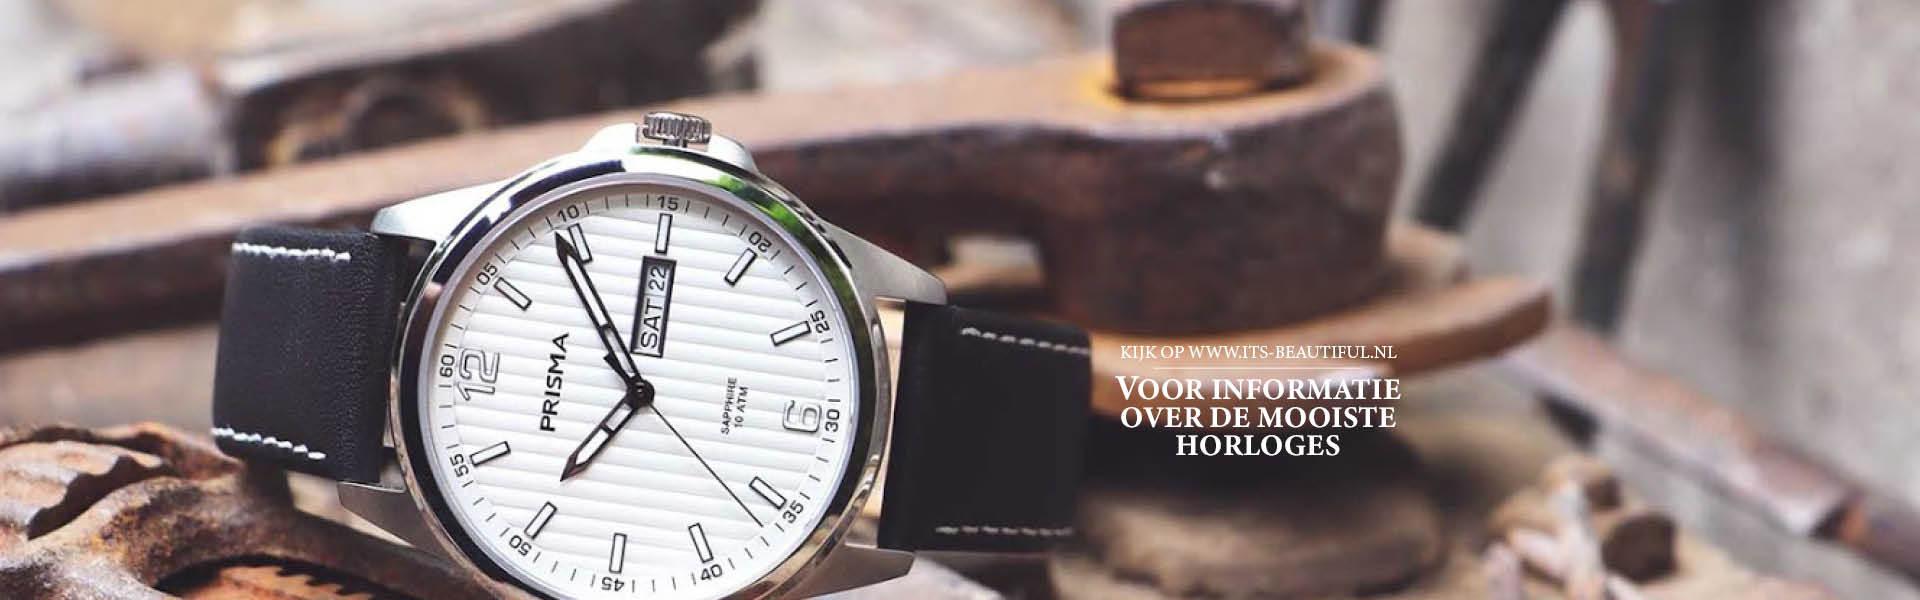 Horloge Informatie